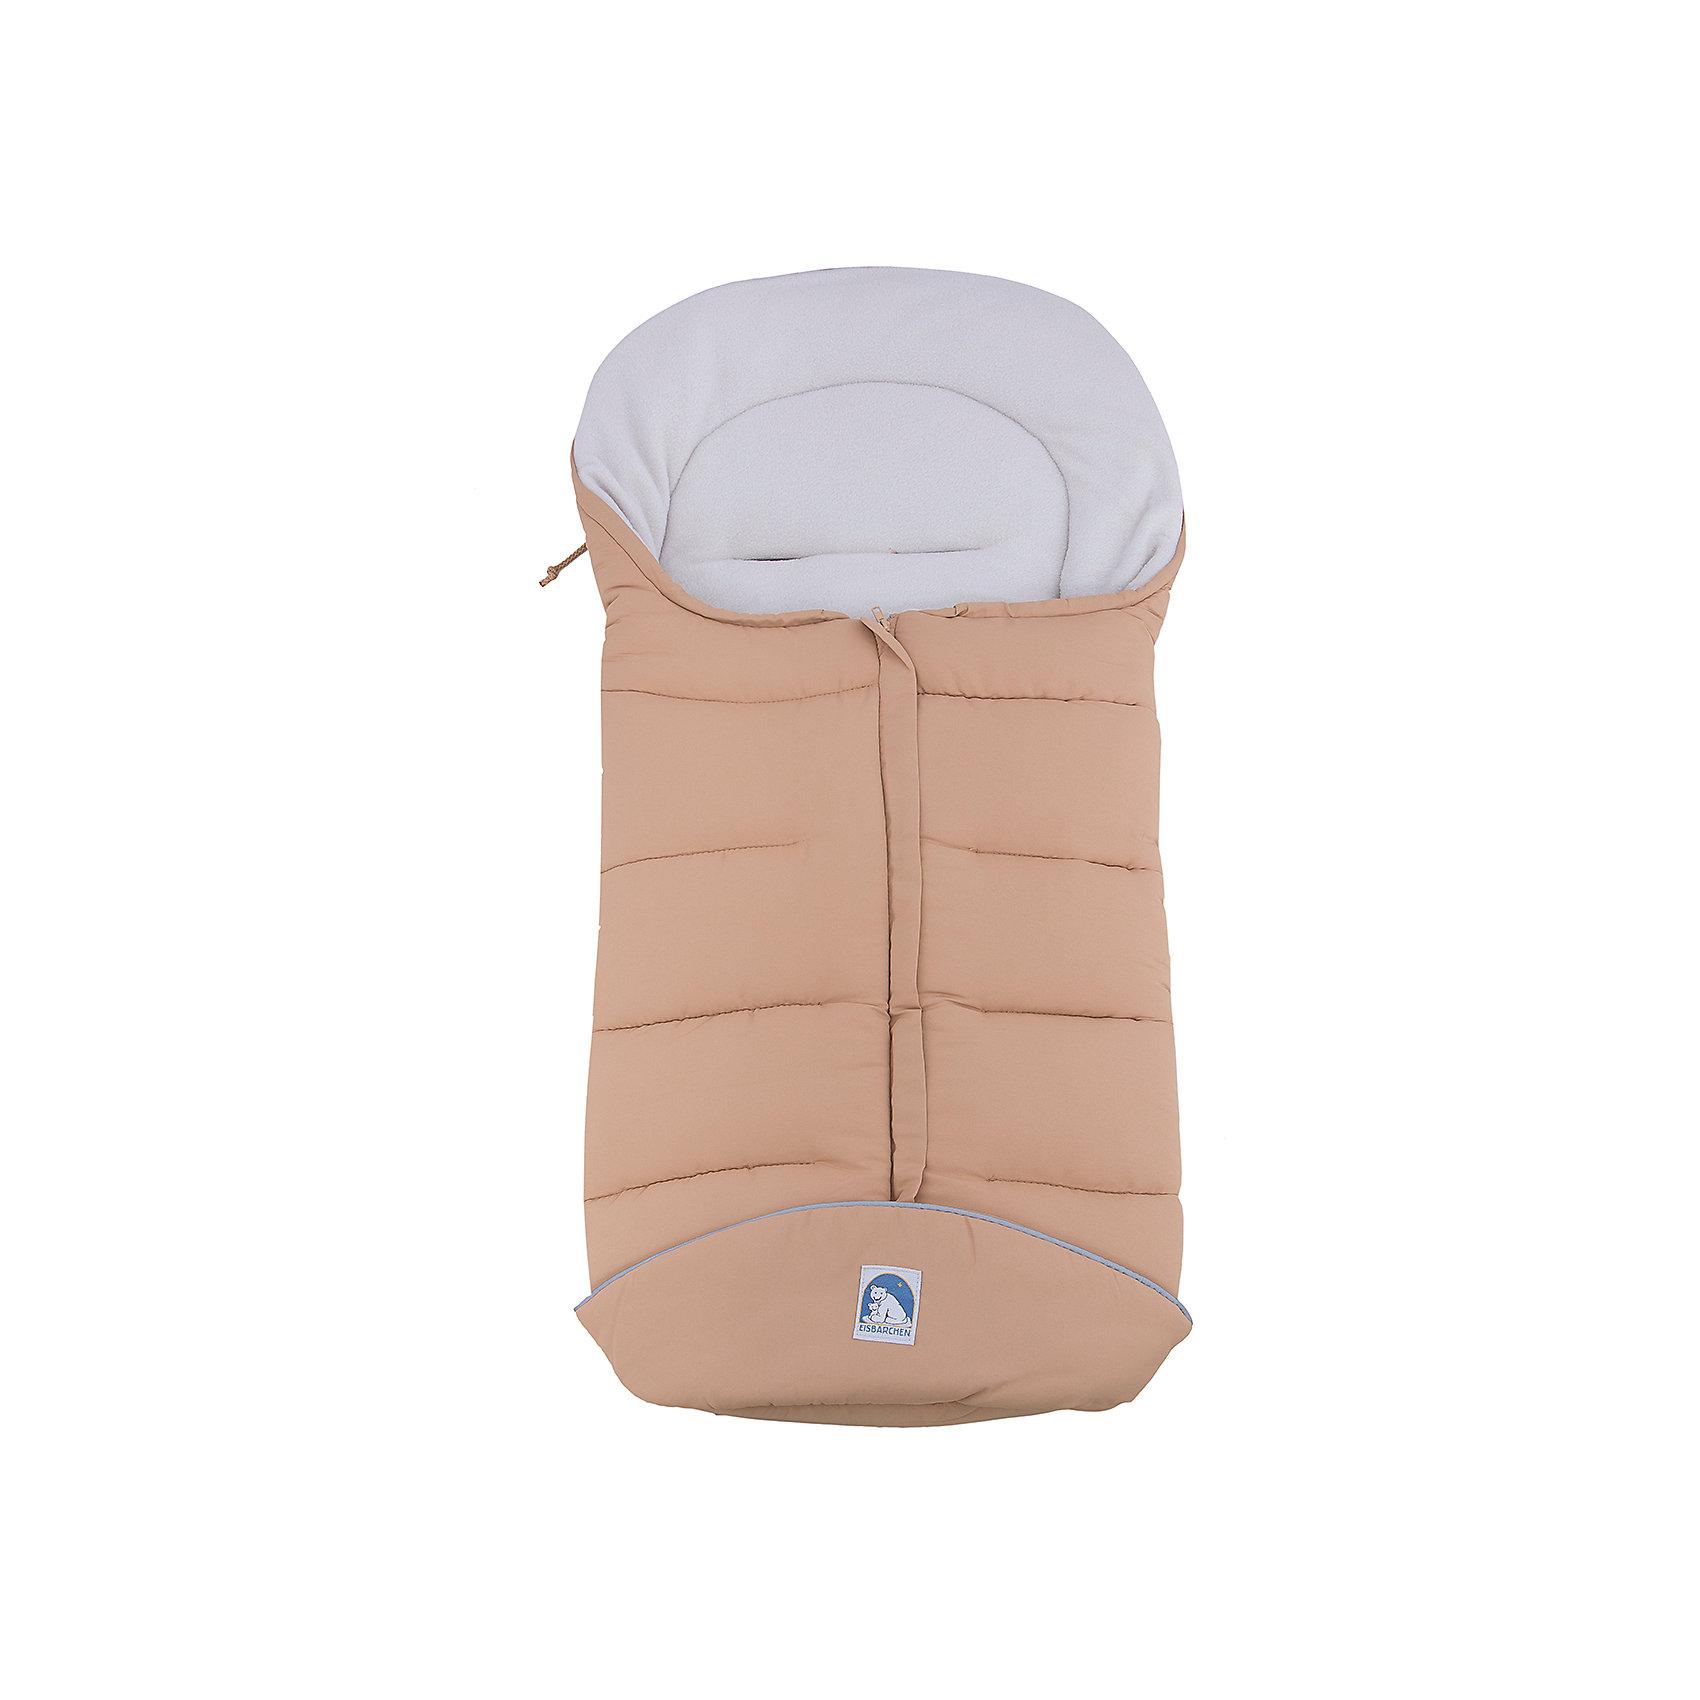 Конверт 7965 SB, Heitmann Felle, бежевый/песочныйКонверт Heitmann Felle изготовлен из флиса и отлично подойдет для прогулок. Теплый конверт надежно защитит малыша от холода и ветра. Конверт застегивает на молнию по центру и удобно раскладывается в одеяльце. Оснащен прорезями для пятиточечных ремней безопасности и полосой-отражателем. С этим конвертом ваша кроха будет гулять с комфортом и в безопасности!<br><br>Дополнительная информация:<br>-магнитная кнопка<br>-можно использовать как одеяльце<br>-прорези для 5-точечных ремней безопасности<br>-простегано<br>-можно стирать при температуре 30 градусов<br><br>Материал: 100% полиэстер. Подкладка: 80% полиэстер, 20% вискоза<br>Размер: 80х40 см<br>Вес: 600 грамм<br>Цвет: бежевый<br>Конверт Heitmann Felle можно купить в нашем интернет-магазине.<br><br>Ширина мм: 900<br>Глубина мм: 450<br>Высота мм: 50<br>Вес г: 2000<br>Цвет: бежевый<br>Возраст от месяцев: 0<br>Возраст до месяцев: 12<br>Пол: Унисекс<br>Возраст: Детский<br>SKU: 4243329